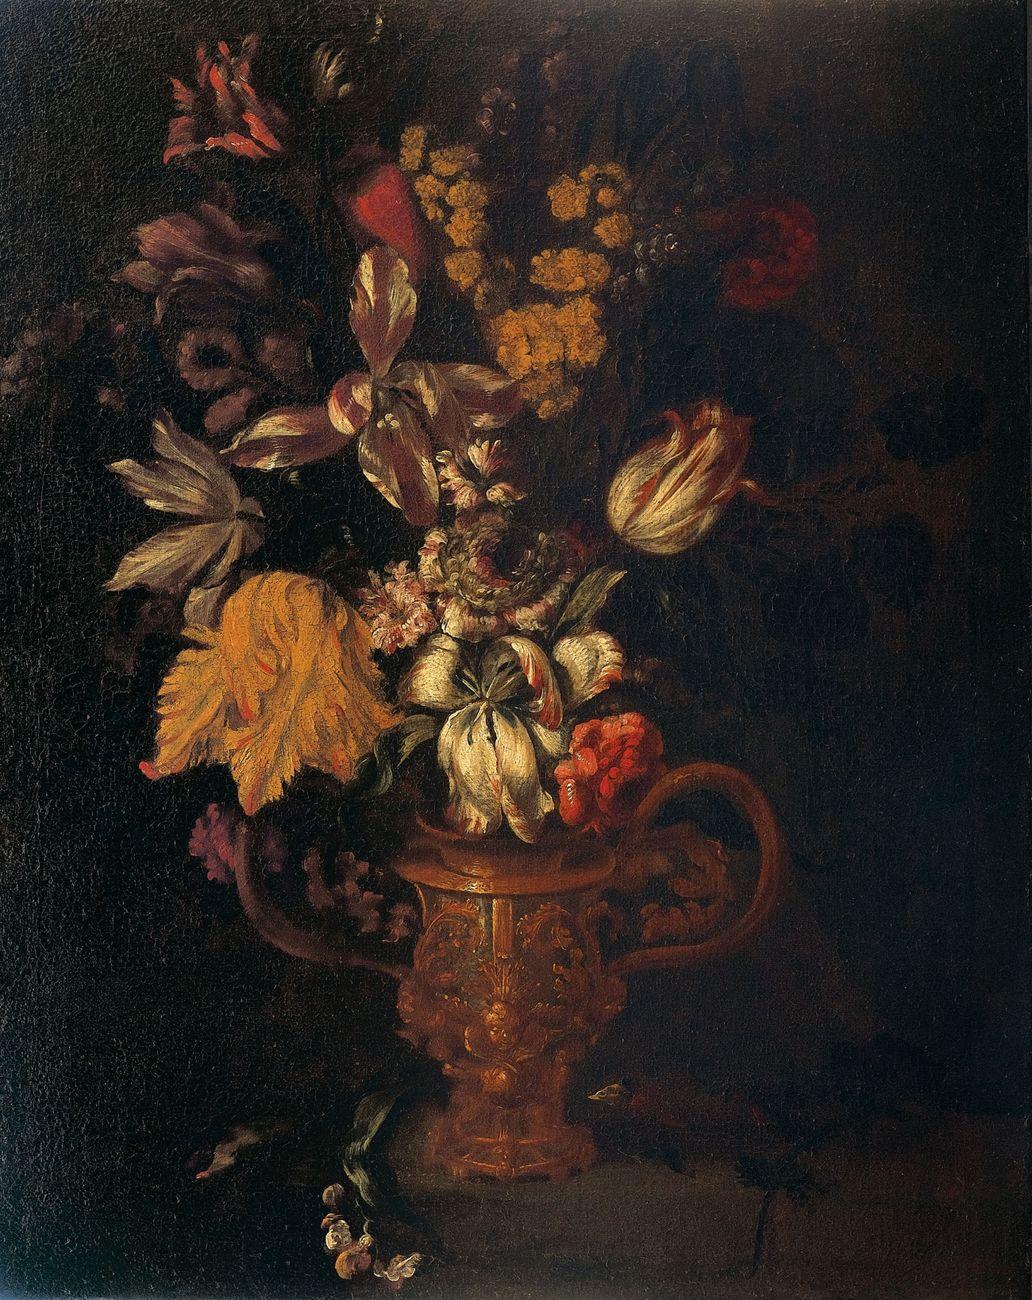 Pittore Fiorentino, Vaso di fiori, Seconda metà del XVII secolo, Olio su tela, 75 x 57 cm, Mantova, Collezione privata